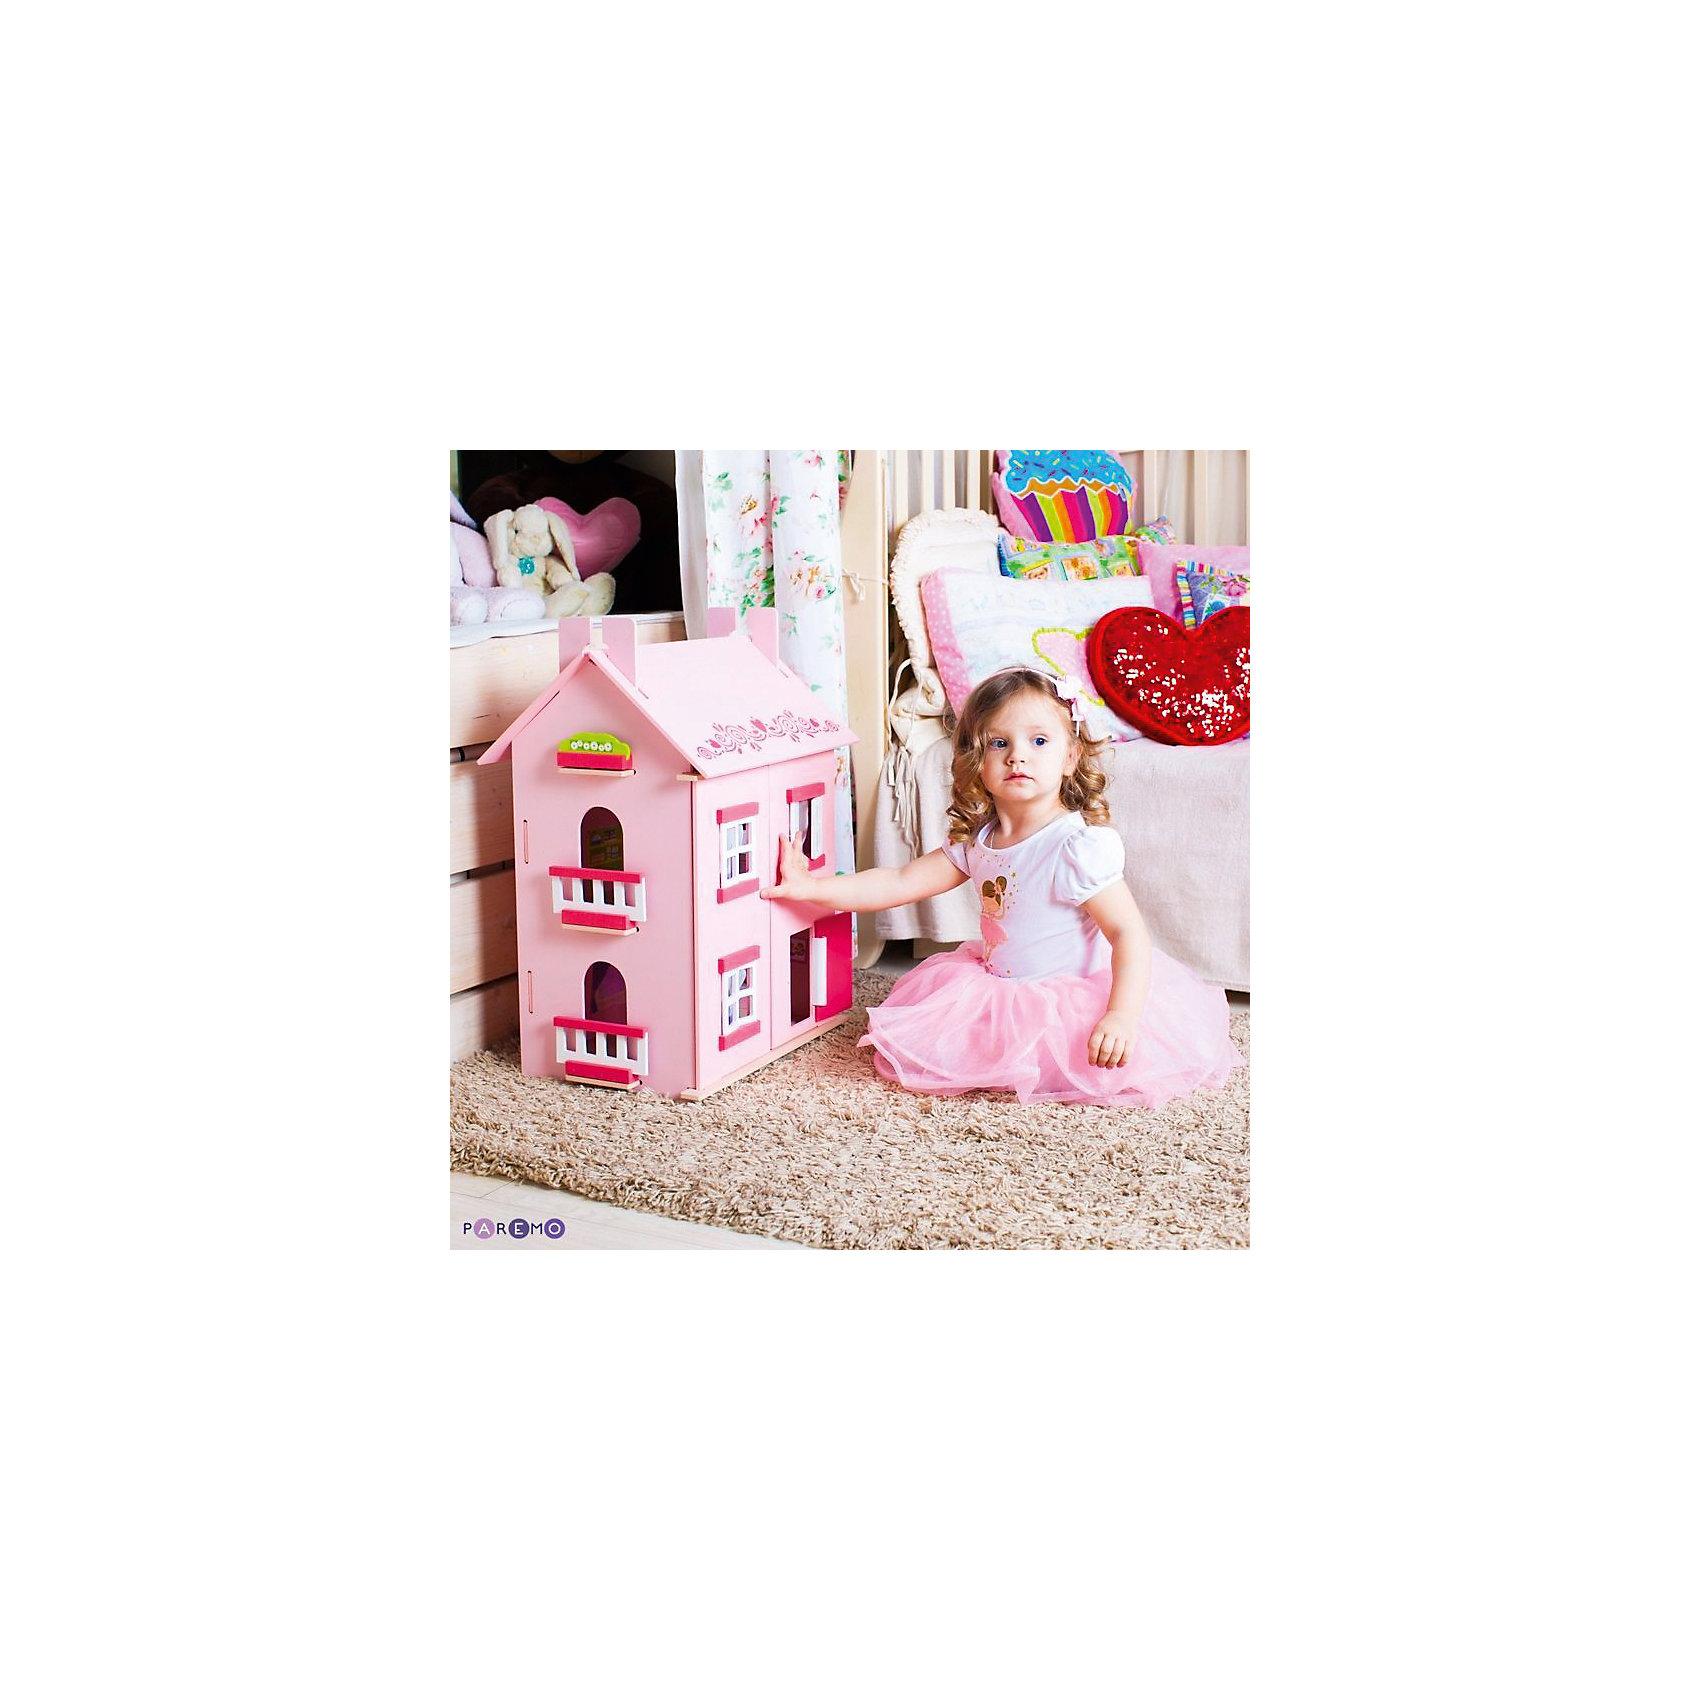 Кукольный домик Милана с мебелью 15 предметов, PAREMOИгрушечные домики и замки<br>Кукольный домик Милана, с мебелью 15 предметов, PAREMO (Паремо).<br><br>Характеристики:<br><br>•Материал: дерево, текстиль. Сделан из натуральных материалов- 100% дерево, ни одного пластикового элемента в каркасе и мебели.<br>•Домик имеет полностью закрытую конструкцию: для доступа к внутреннему игровому пространству нужно открыть лицевые створки фасада и перекидные створки крыши.<br>•3 этажа.<br>•Окна, ставни и дверь свободно открываются и закрываются.<br>•Цвет: розовый.<br>•Подходит для мини- кукол высотой до 15 см.<br>•Конструкция продается в разобранном виде. Инструкция по сборке входит в комплект.<br>•Размер игрушки в собранном виде - 45х35х65 см.<br>•Размер упаковки - 67х44х12 см.<br>•Вес 10 кг. <br><br>В комплекте:<br><br>• 15 предметов мебели: раковина, унитаз (крышка поднимается), 2-спальная кровать, тумба, торшер; обеденный стол, 2 стула, кухонный стеллаж, плита; диван, тумбочка, часы, тумба под телевизор, плоский телевизор.<br>• 23 декоративные наклейки для украшения интерьера и фасадов (снаружи - 2 наклейки с цветами для боковых цветников снаружи домика, орнамент на дверь; внутри первого этажа – окно, 4 фото-рамки, 2 бра; второго этажа – кухонный коврик, буфет и полка, салфетка на стол и 2 наклейки на плиту, третьего этажа - 3 картины, 2 мансардных окна, циферблат часов, экран телевизора).<br><br>ВНИМАНИЕ! Куклы, кукольная одежда и транспорт, а также текстиль приобретается отдельно!<br><br>Кукольный домик Милана, с мебелью 15 предметов, PAREMO (Паремо). Домик выполнен в современном стиле. Очаровательный дом предназначен для сюжетно-ролевых игр («Семья», «Дочки- матери» и т. п.) Яркая мебель, сочные цвета интерьерных наклеек и текстиля (не входит в базовую комплектацию) наполняют домик озорством и задором. В доме 3 этажа, 4 просторных комнаты. На первом этаже располагаются ванная комната и спальня. На втором этаже – кухня - столовая. На третьем – уютная гостиная. <br><br>Кук